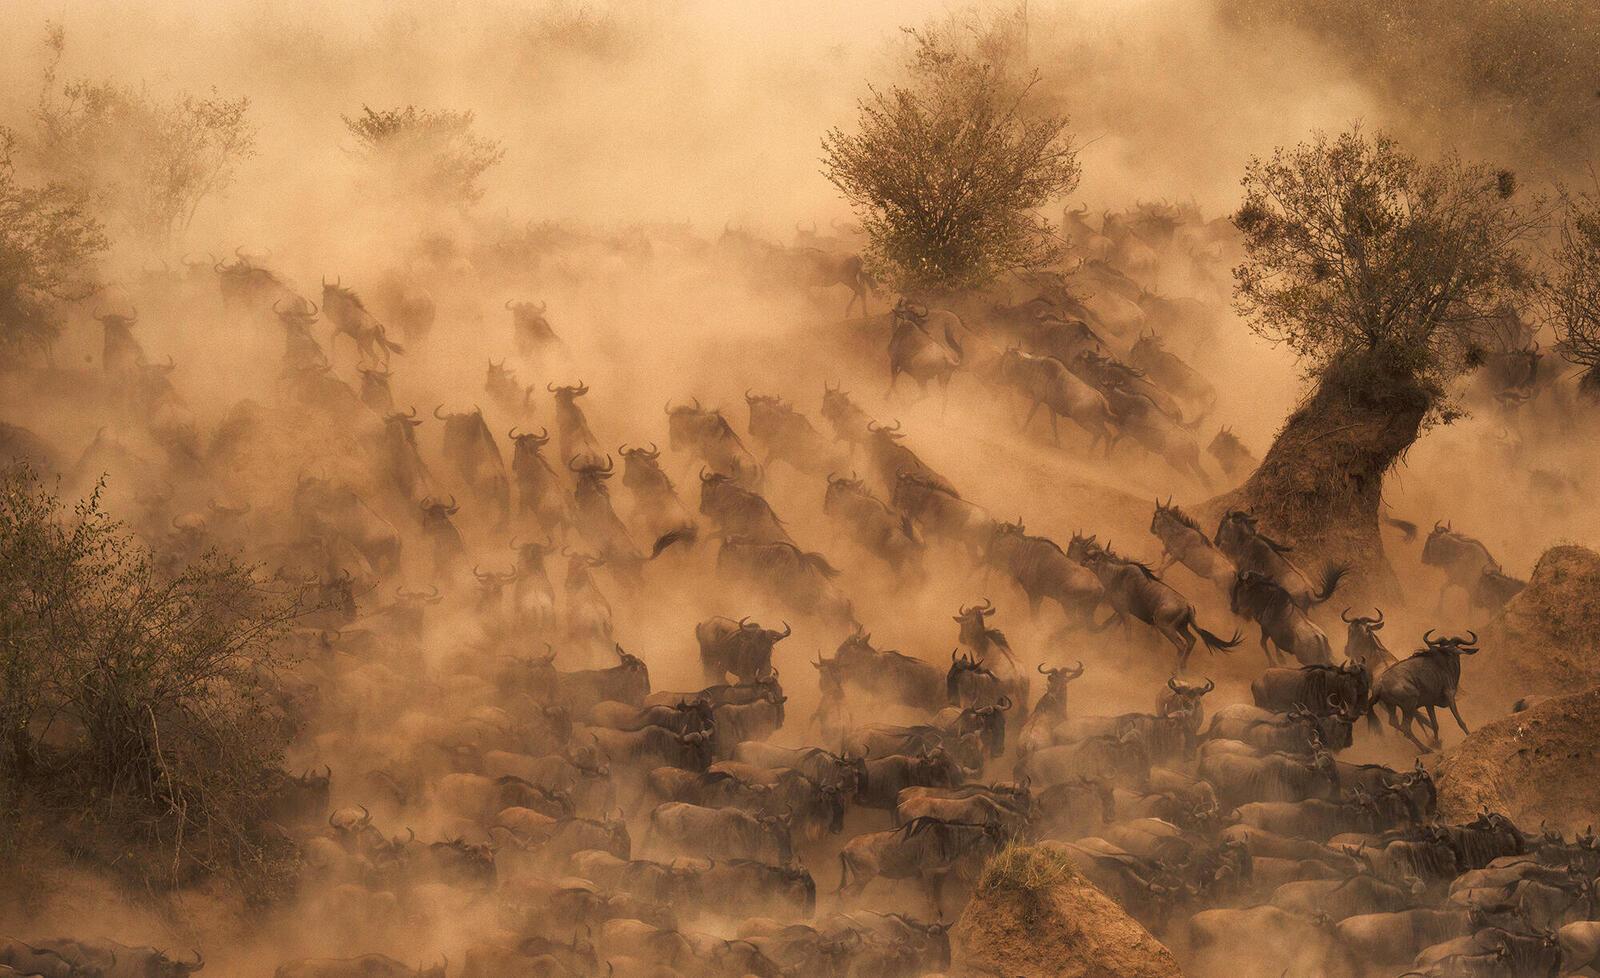 Hundreds of wildebeest rushing across a river